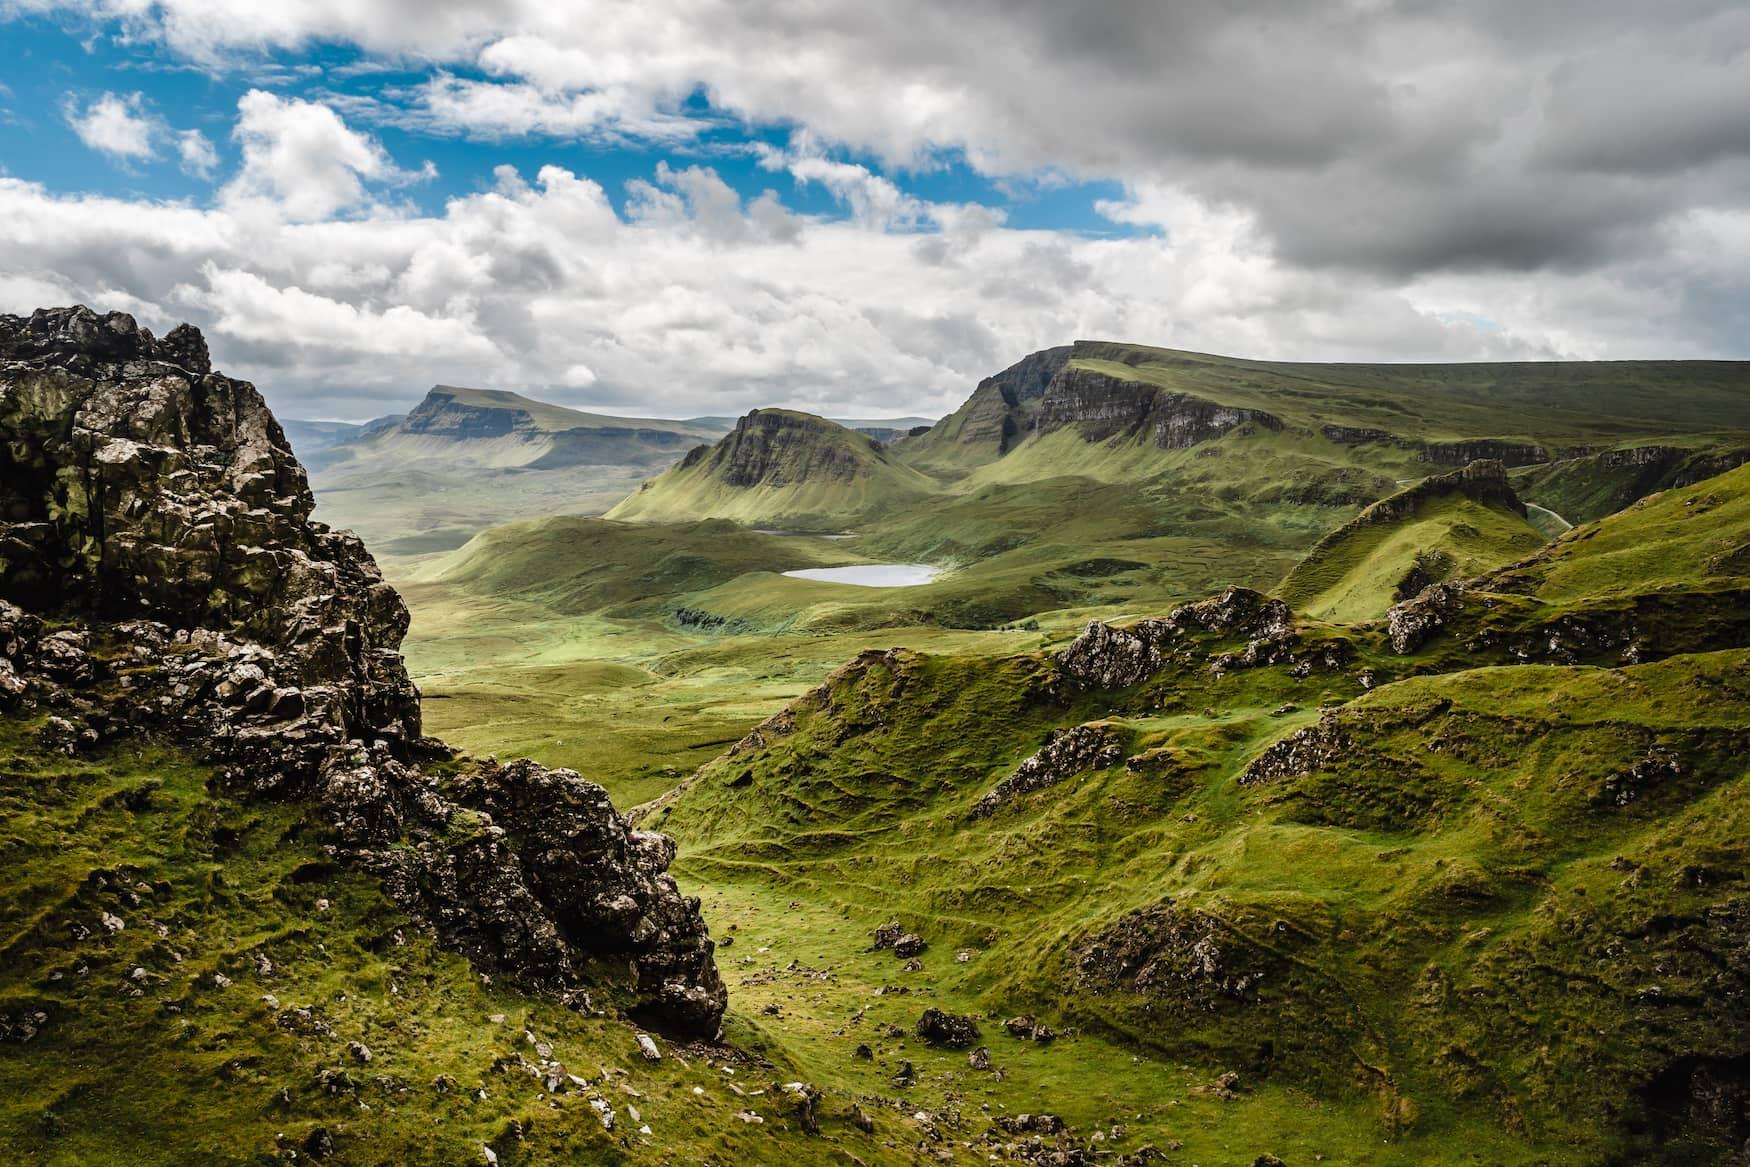 Quiraing Viewpoint auf der schottischen Insel Isle of Skye